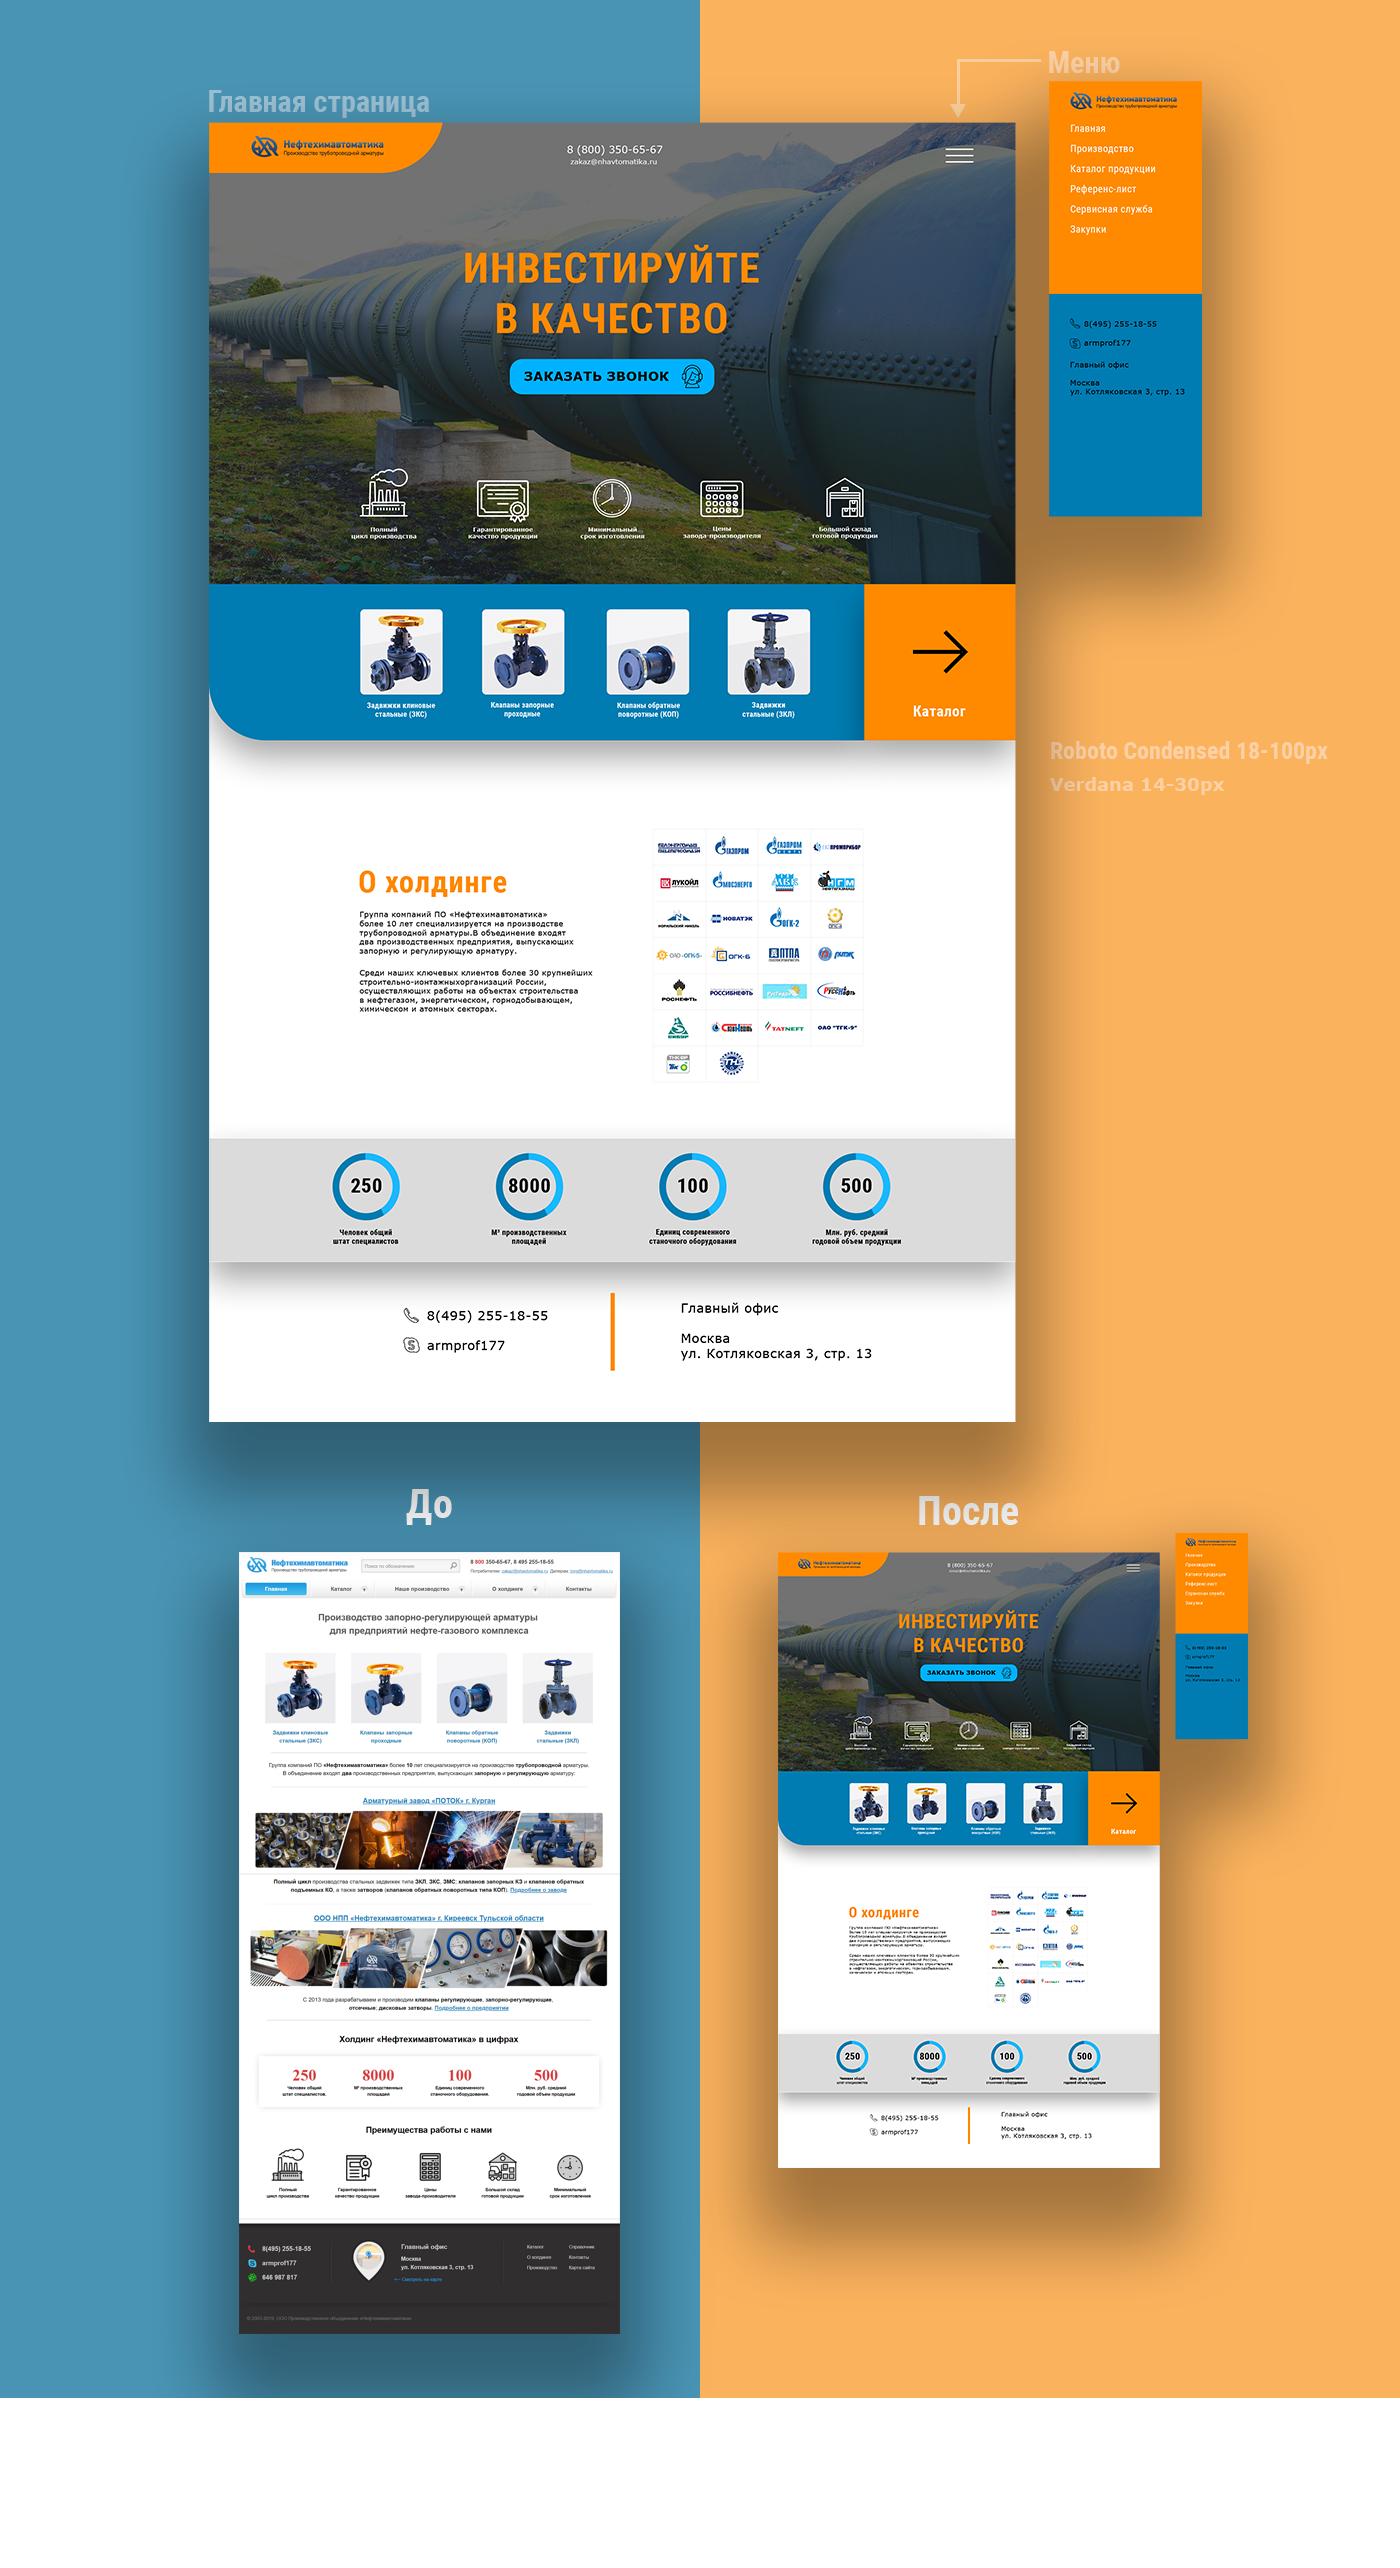 Внимание, конкурс для дизайнеров веб-сайтов! фото f_8385c5b3e2566ae5.png